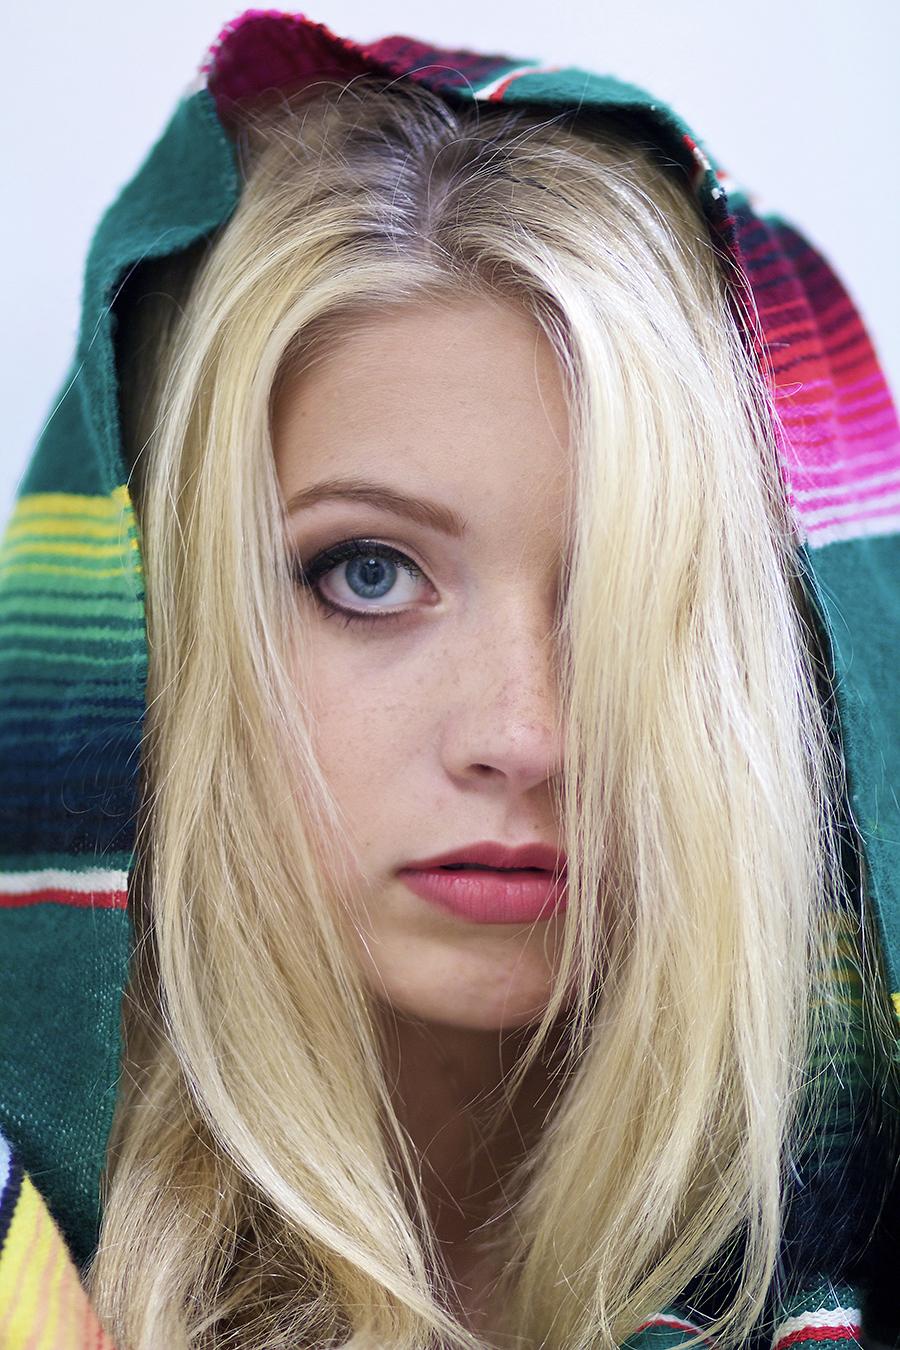 Masoma_Imasogie_Photography_models_fashion_headshots_blonds